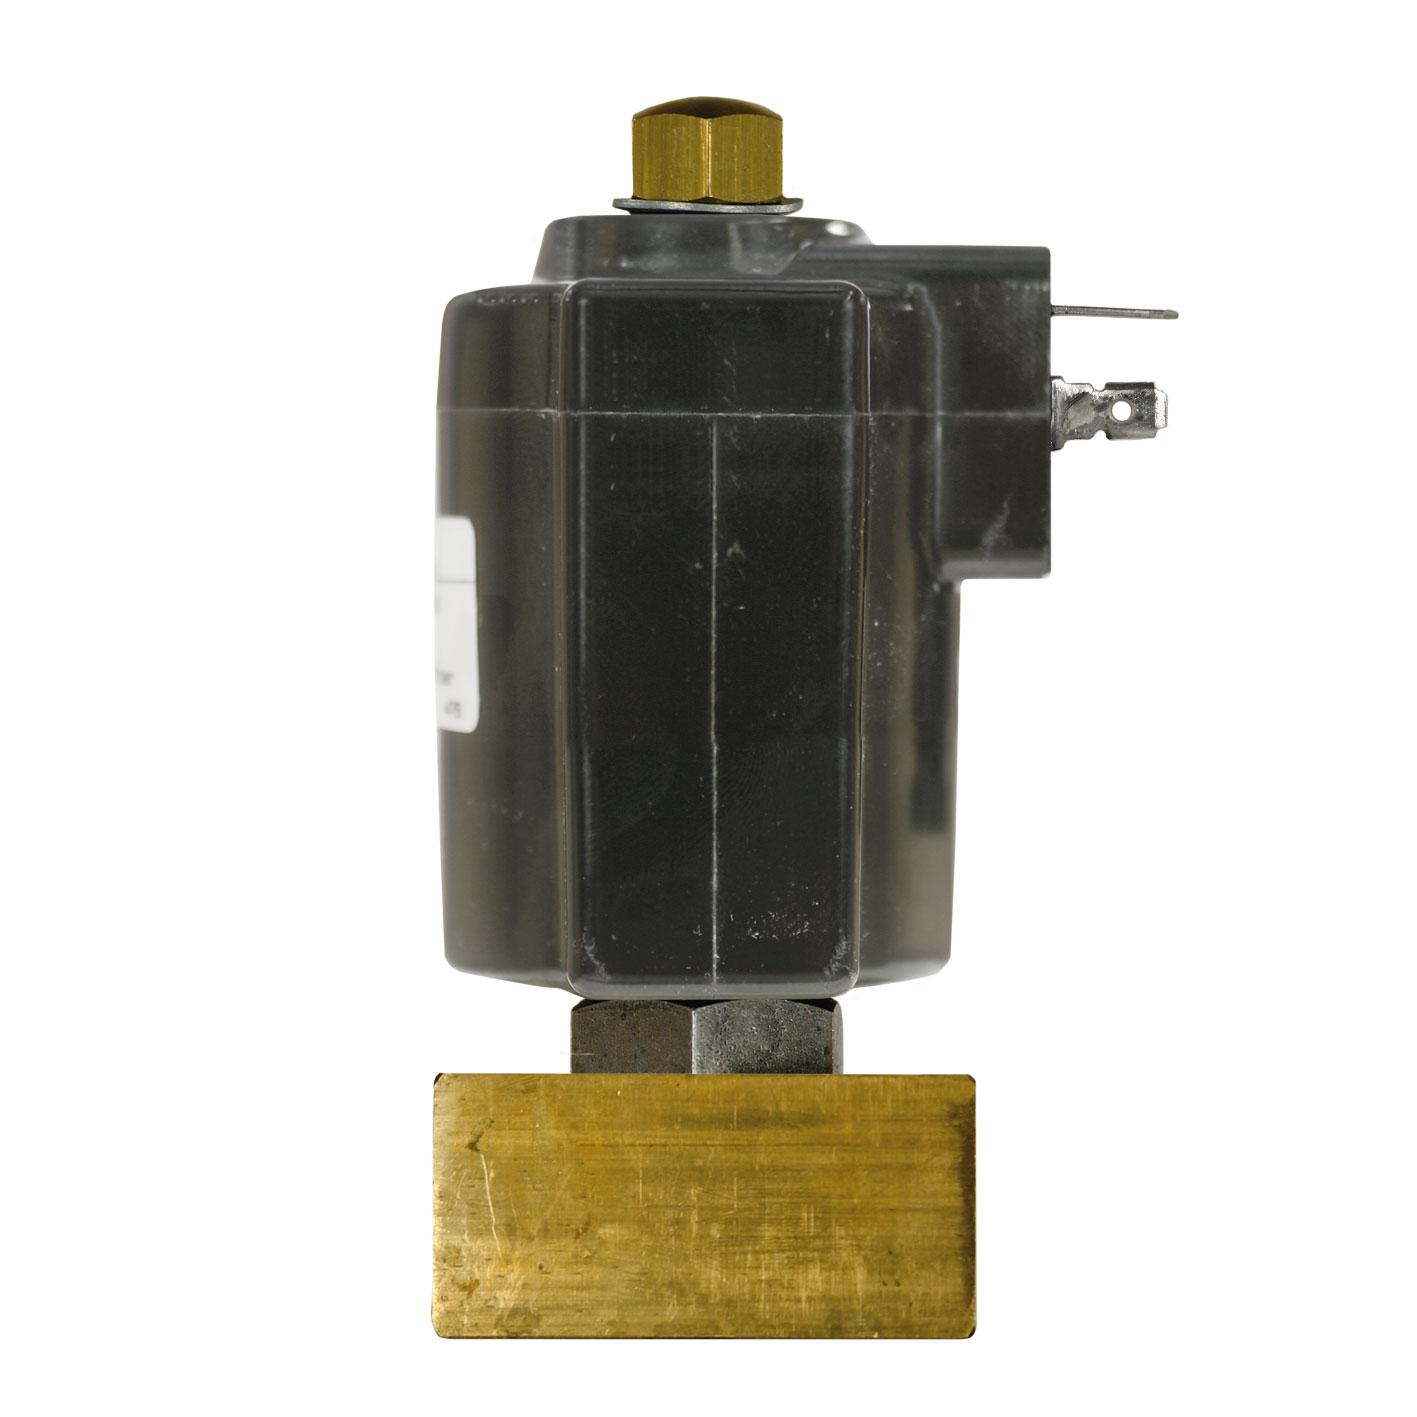 ELECTROVANNE HP 1/4F 24V CONTINU 180 BAR 90 DEG/C